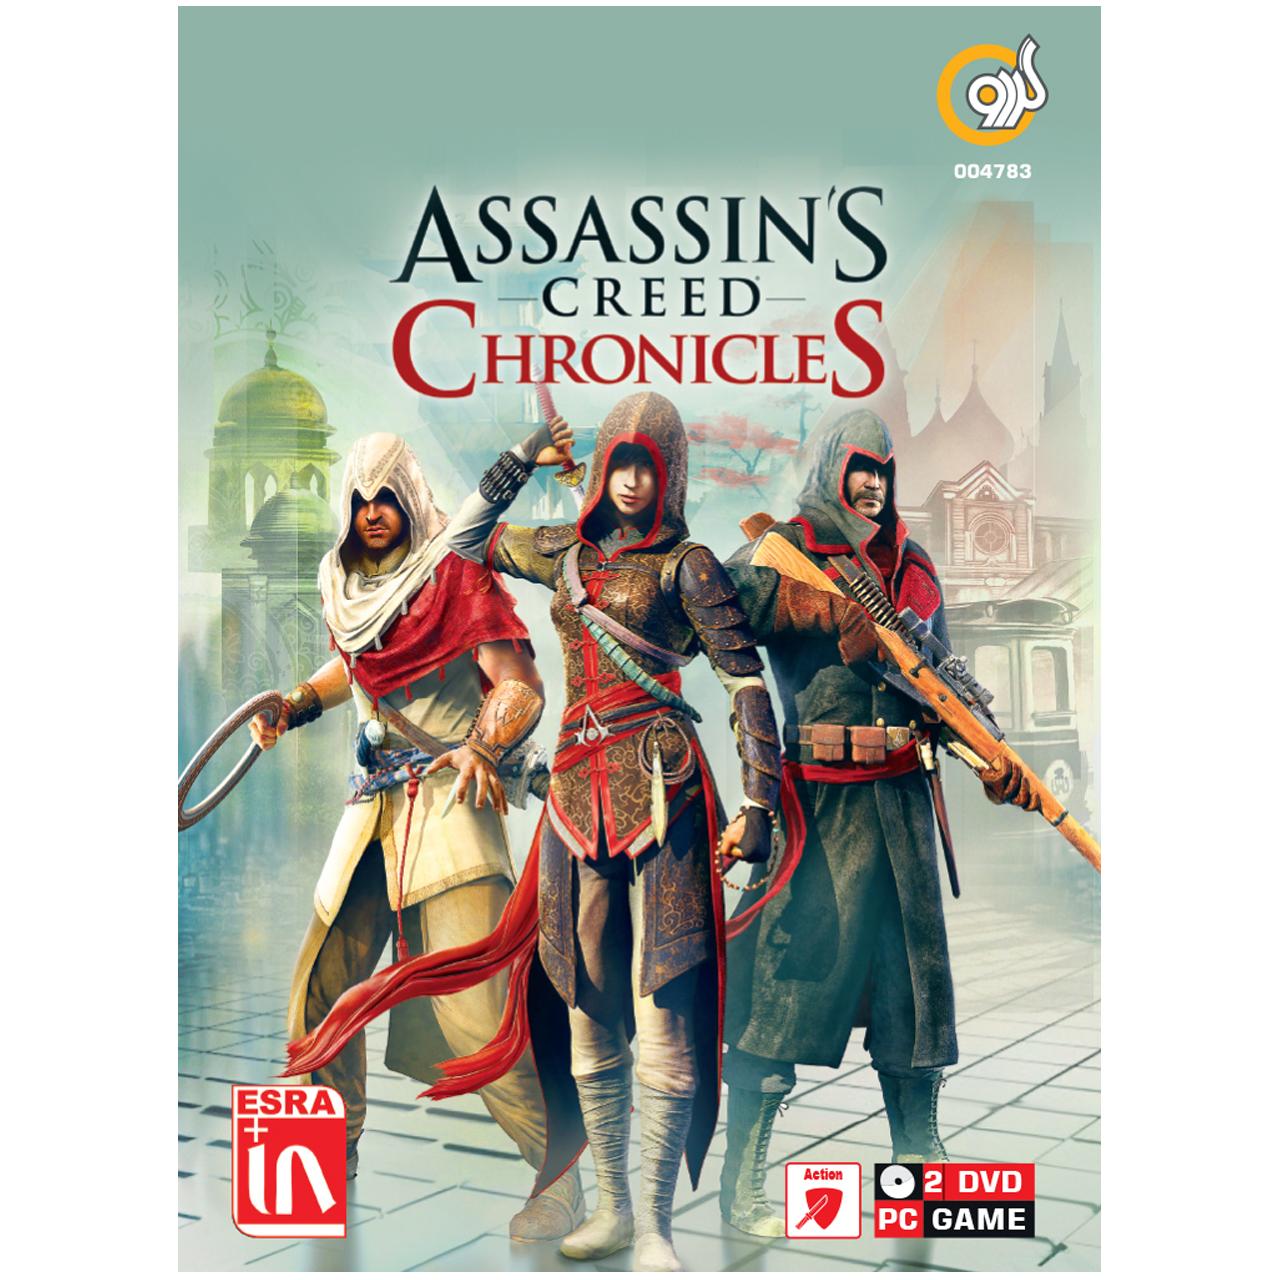 خرید اینترنتی بازی گردو Assassin's Creed Chronicles مخصوص PC اورجینال